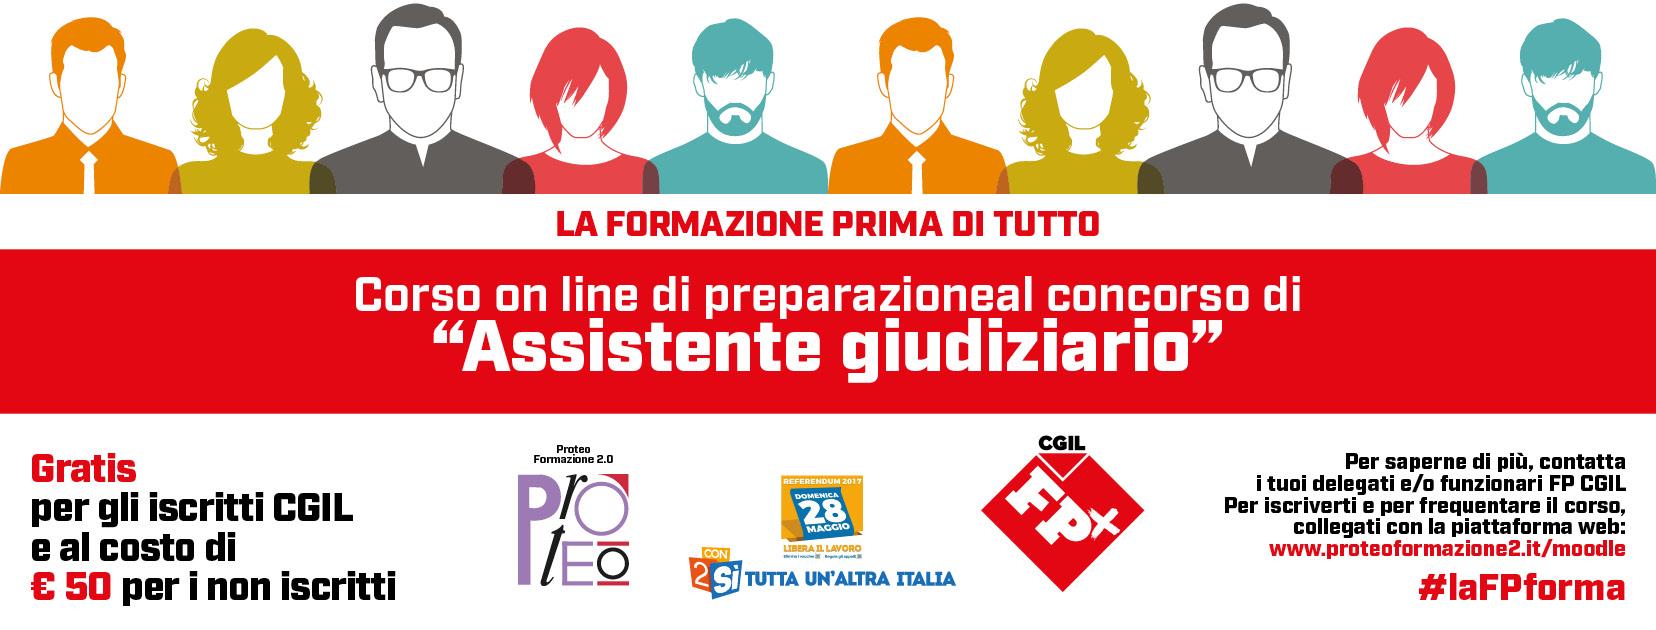 1656x630_facebook_corso_preparazione_concorso_assistente_giudiziario